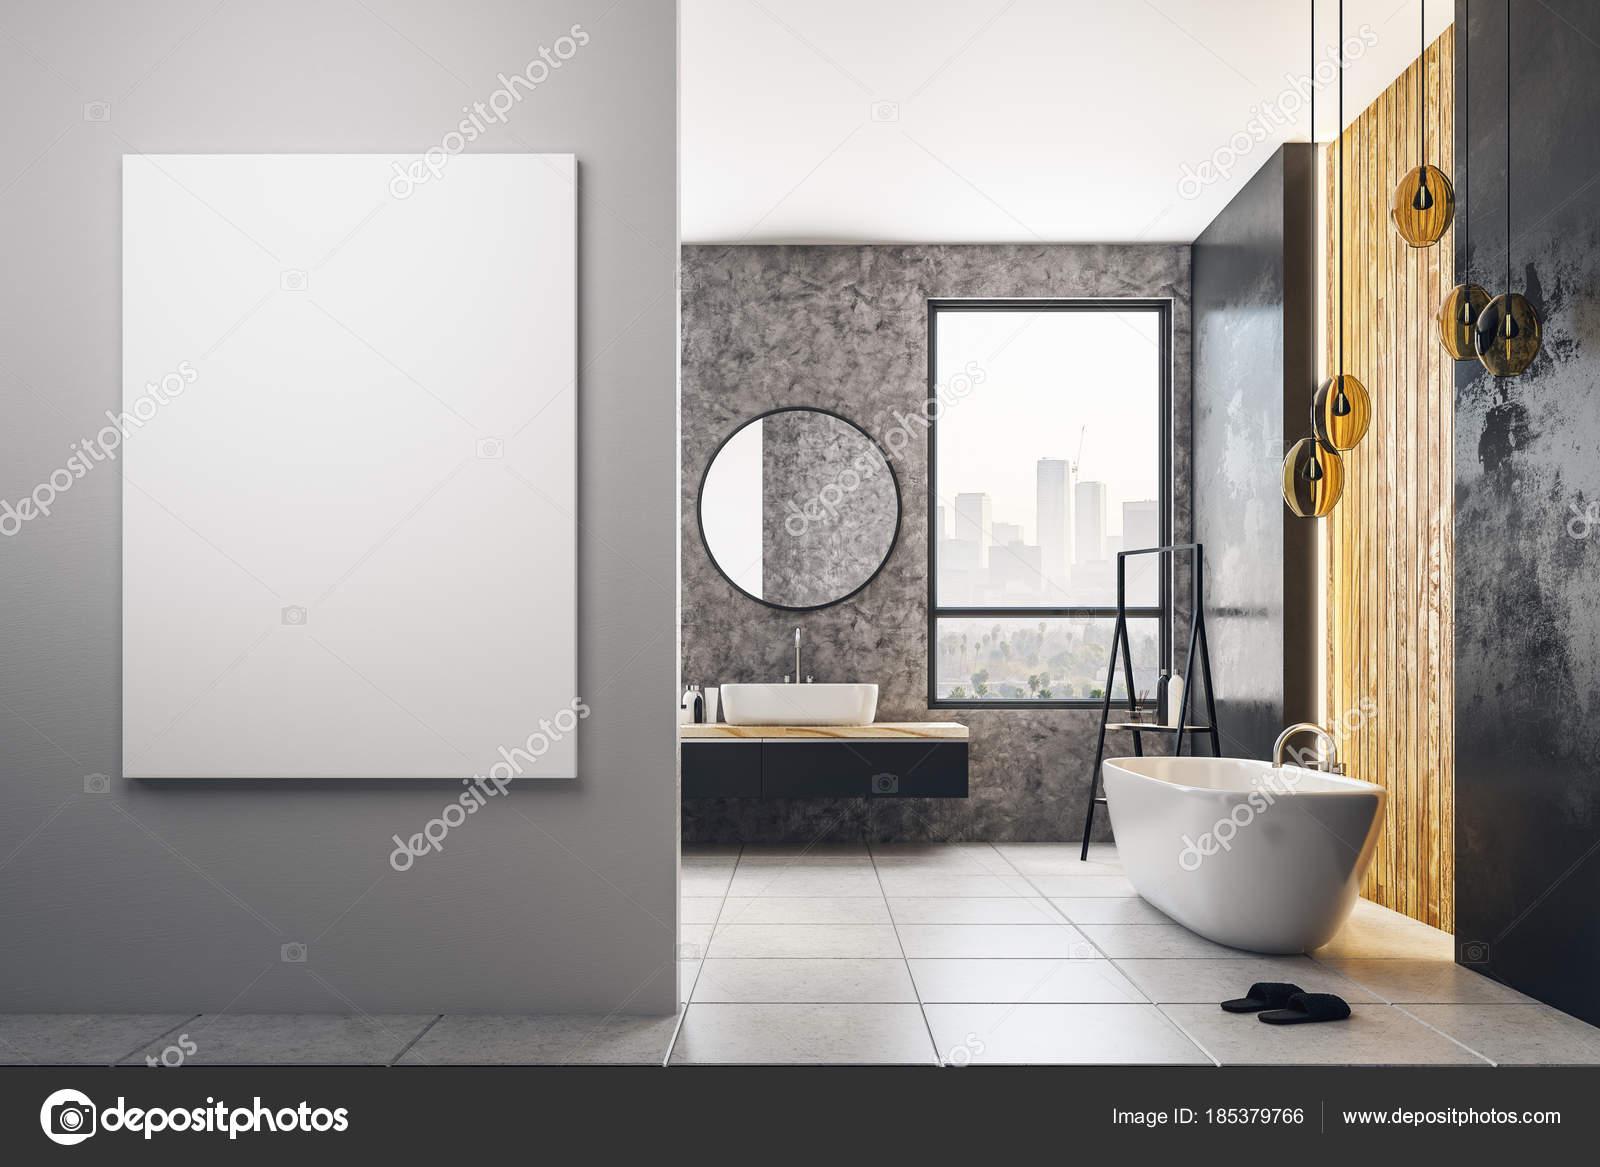 Sala Da Bagno Stile Contemporaneo : Stanza da bagno contemporanea con manifesto in bianco u foto stock